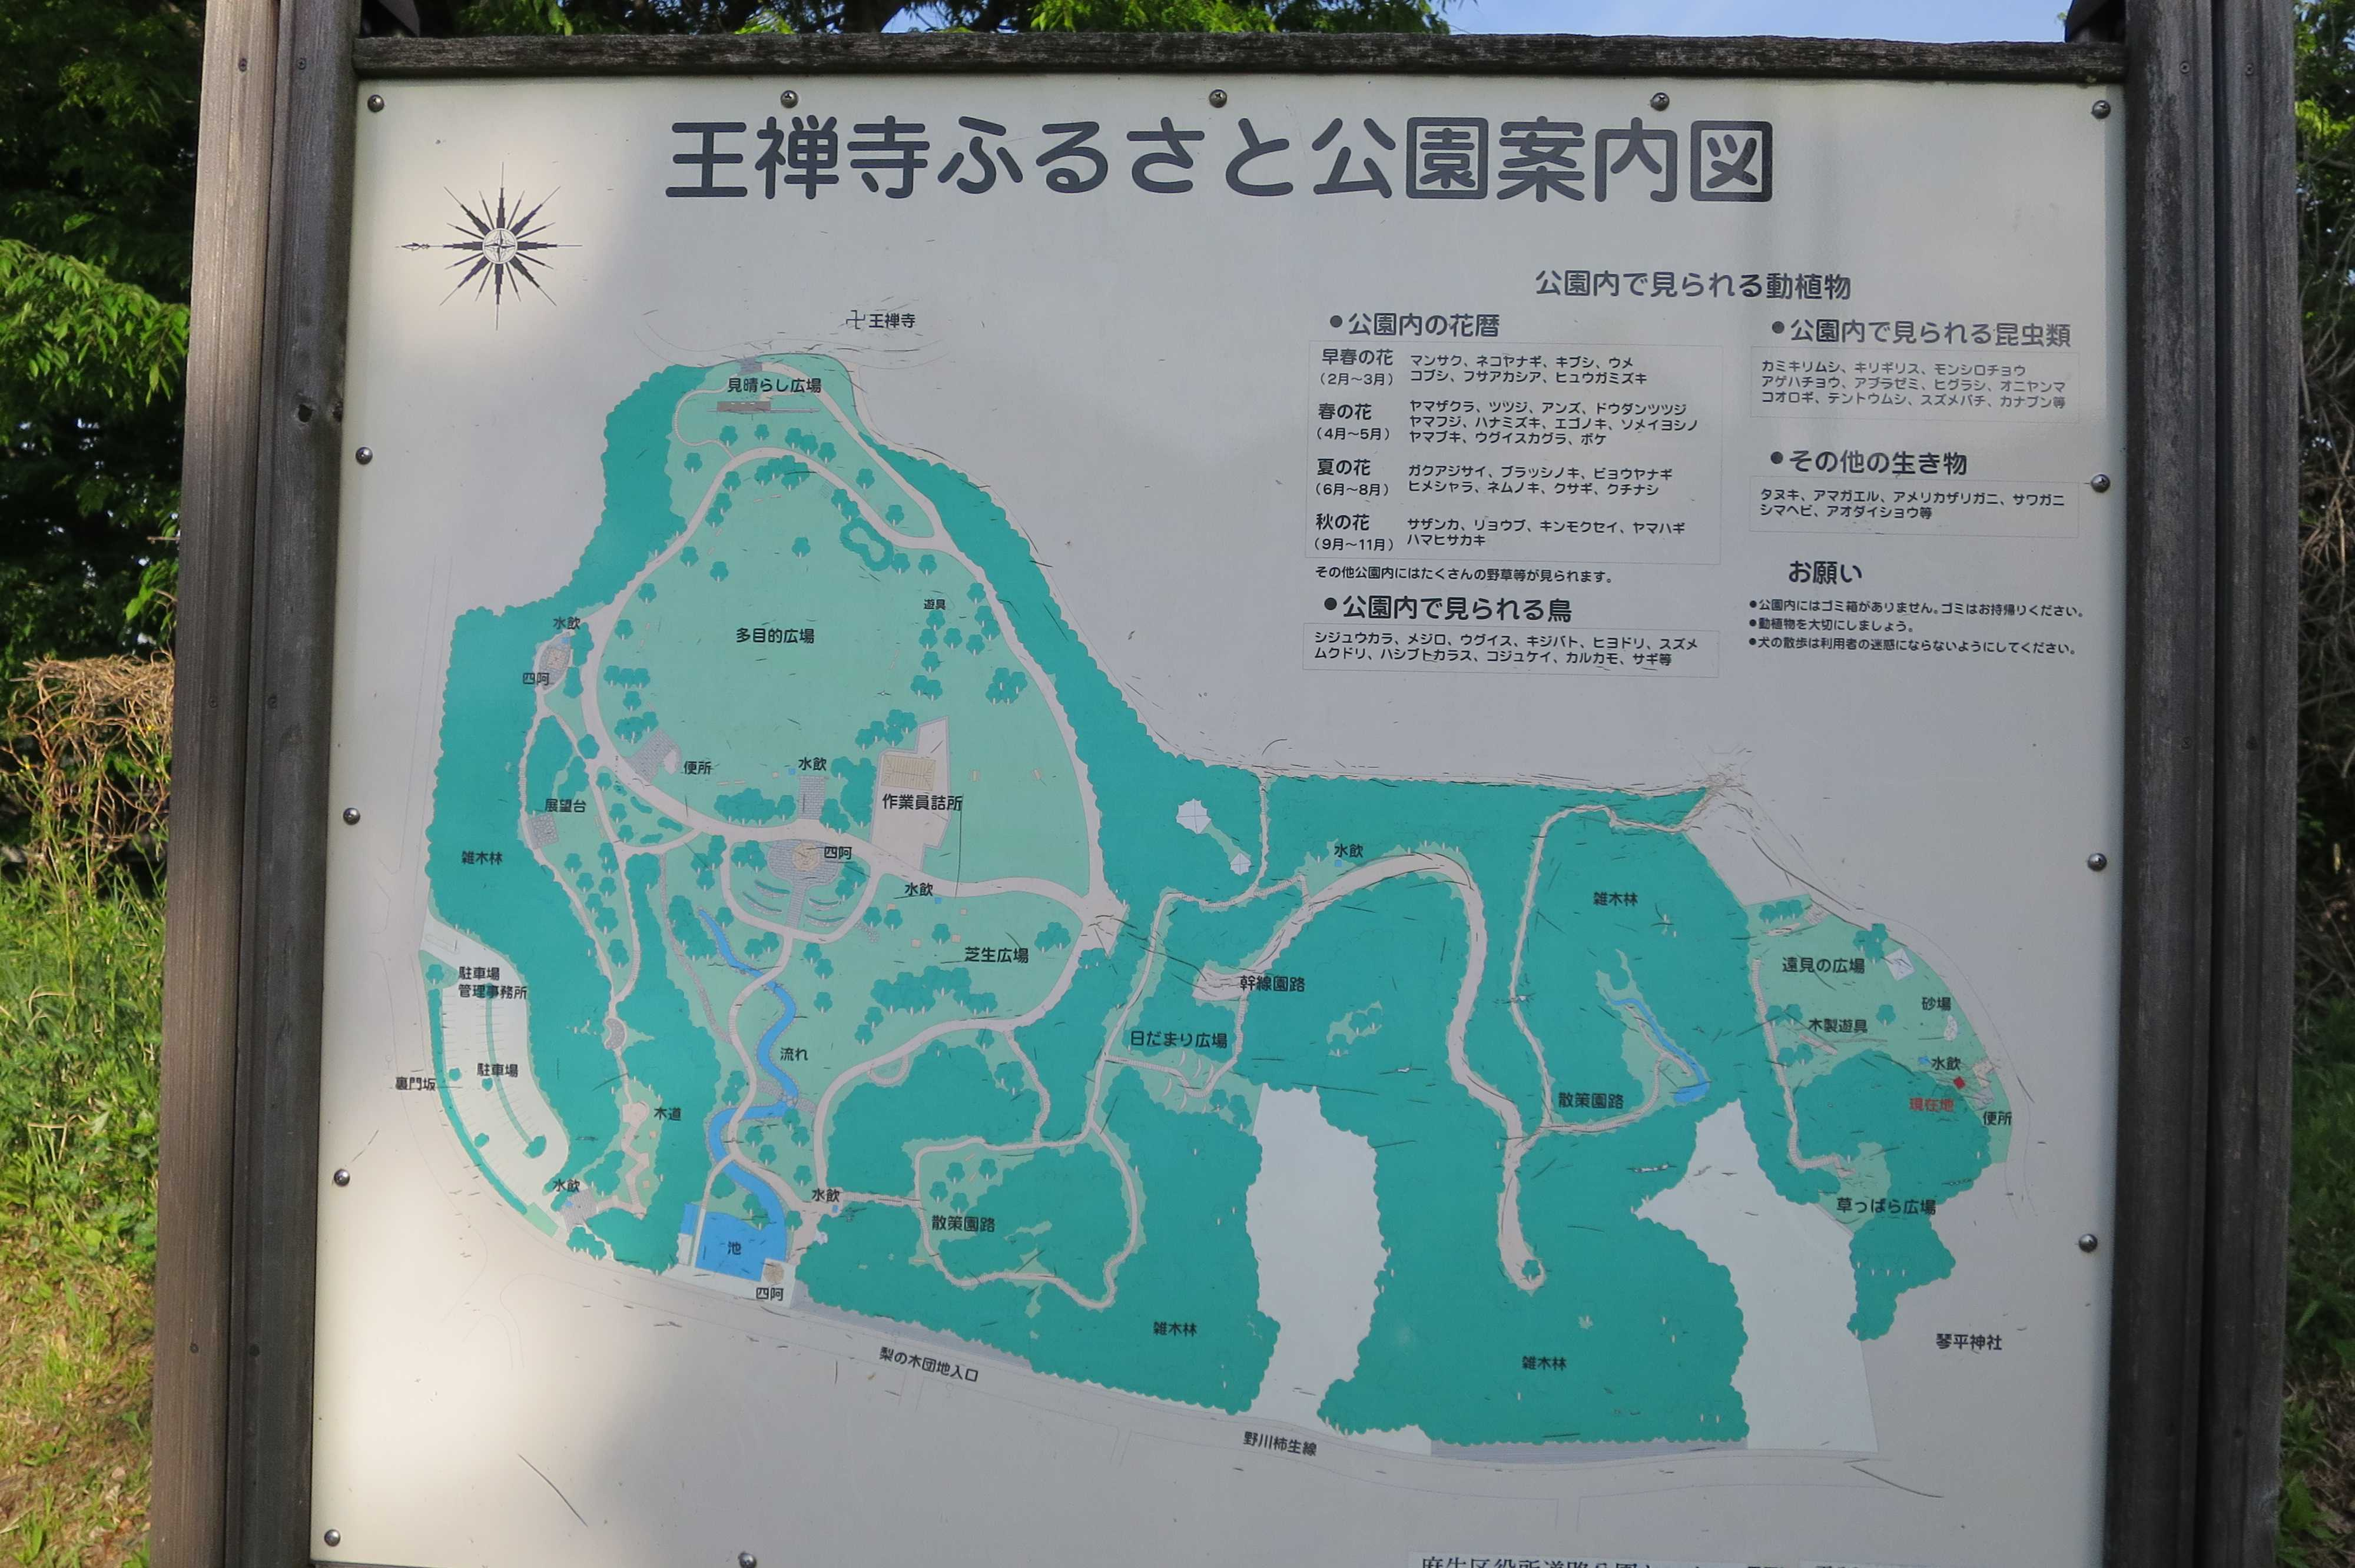 王禅寺ふるさと公園案内図